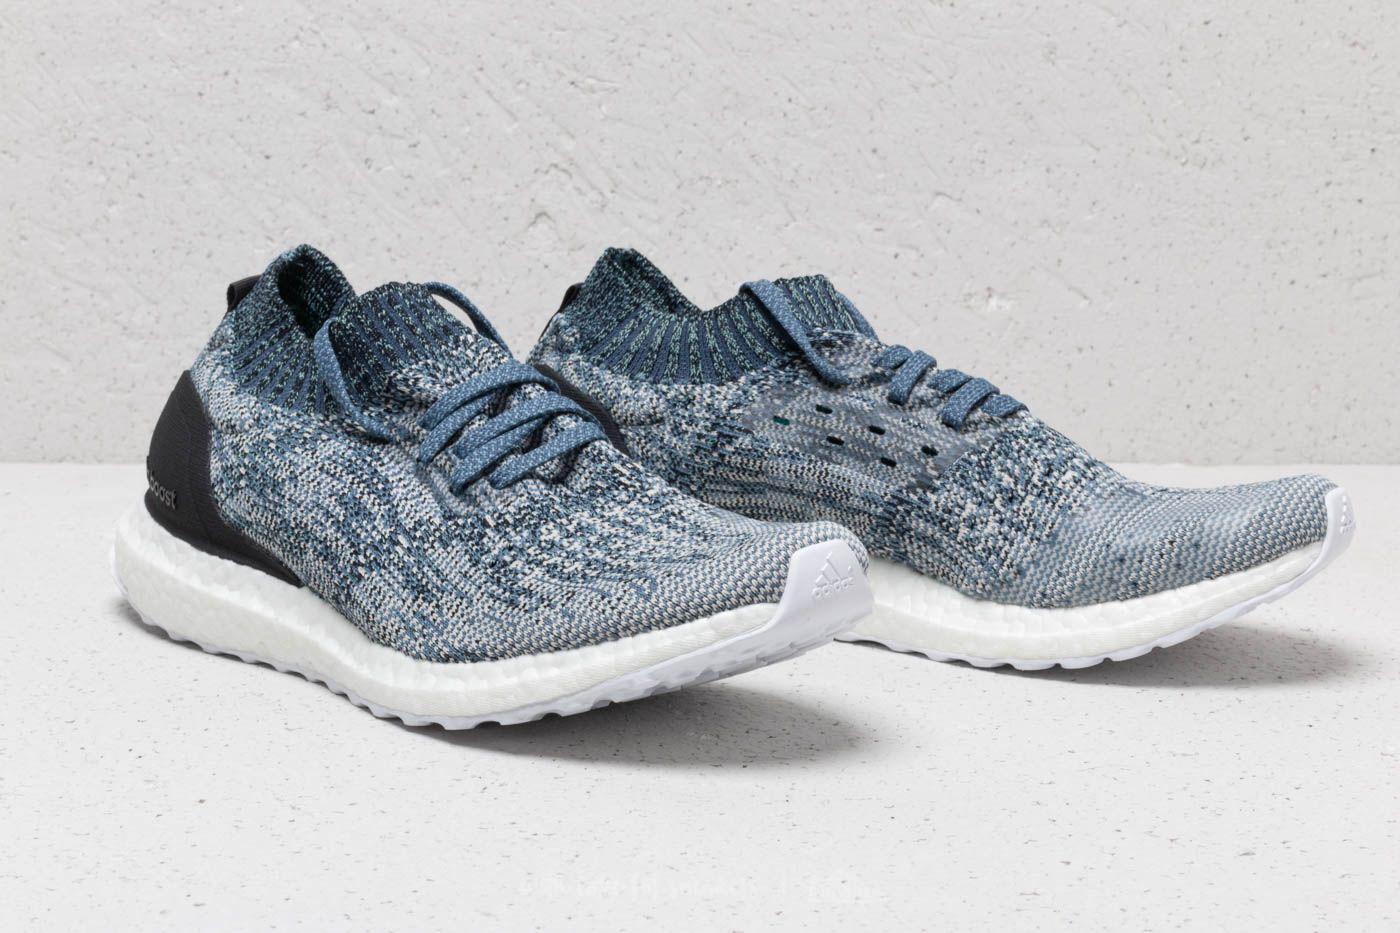 san francisco 5e0a8 a34f3 Lyst - Footshop Adidas Ultraboost Uncaged Parley Raw Grey Ch